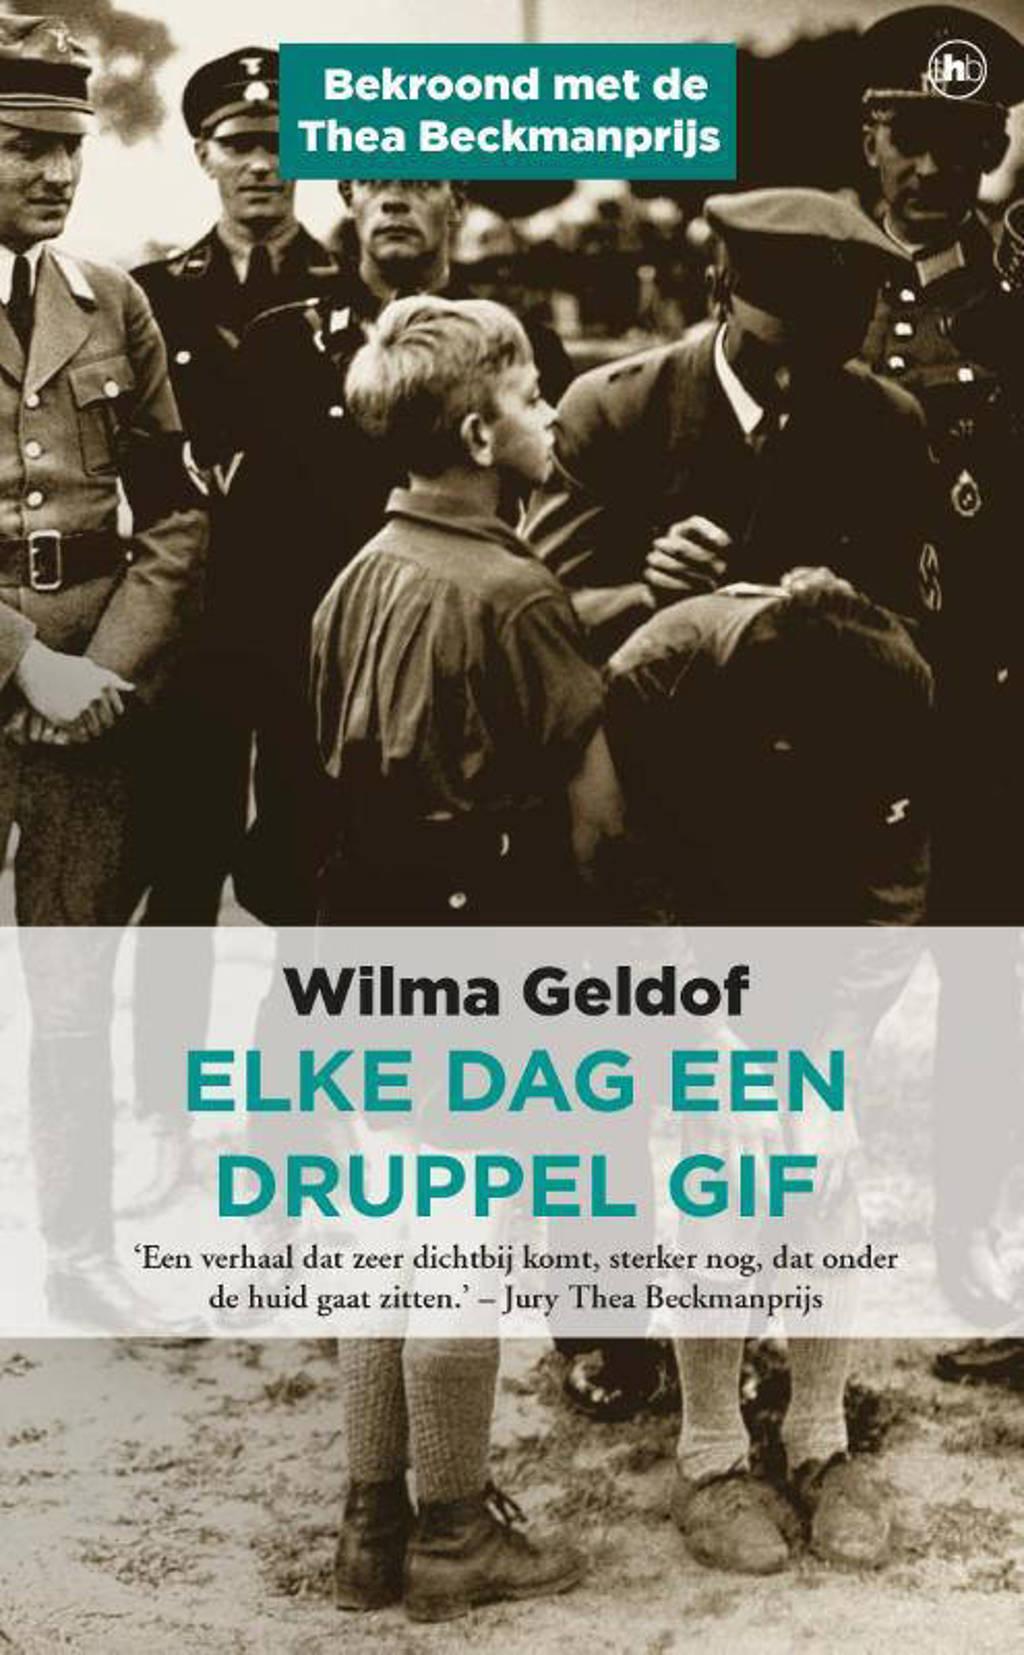 Elke dag een druppel gif - Wilma Geldof